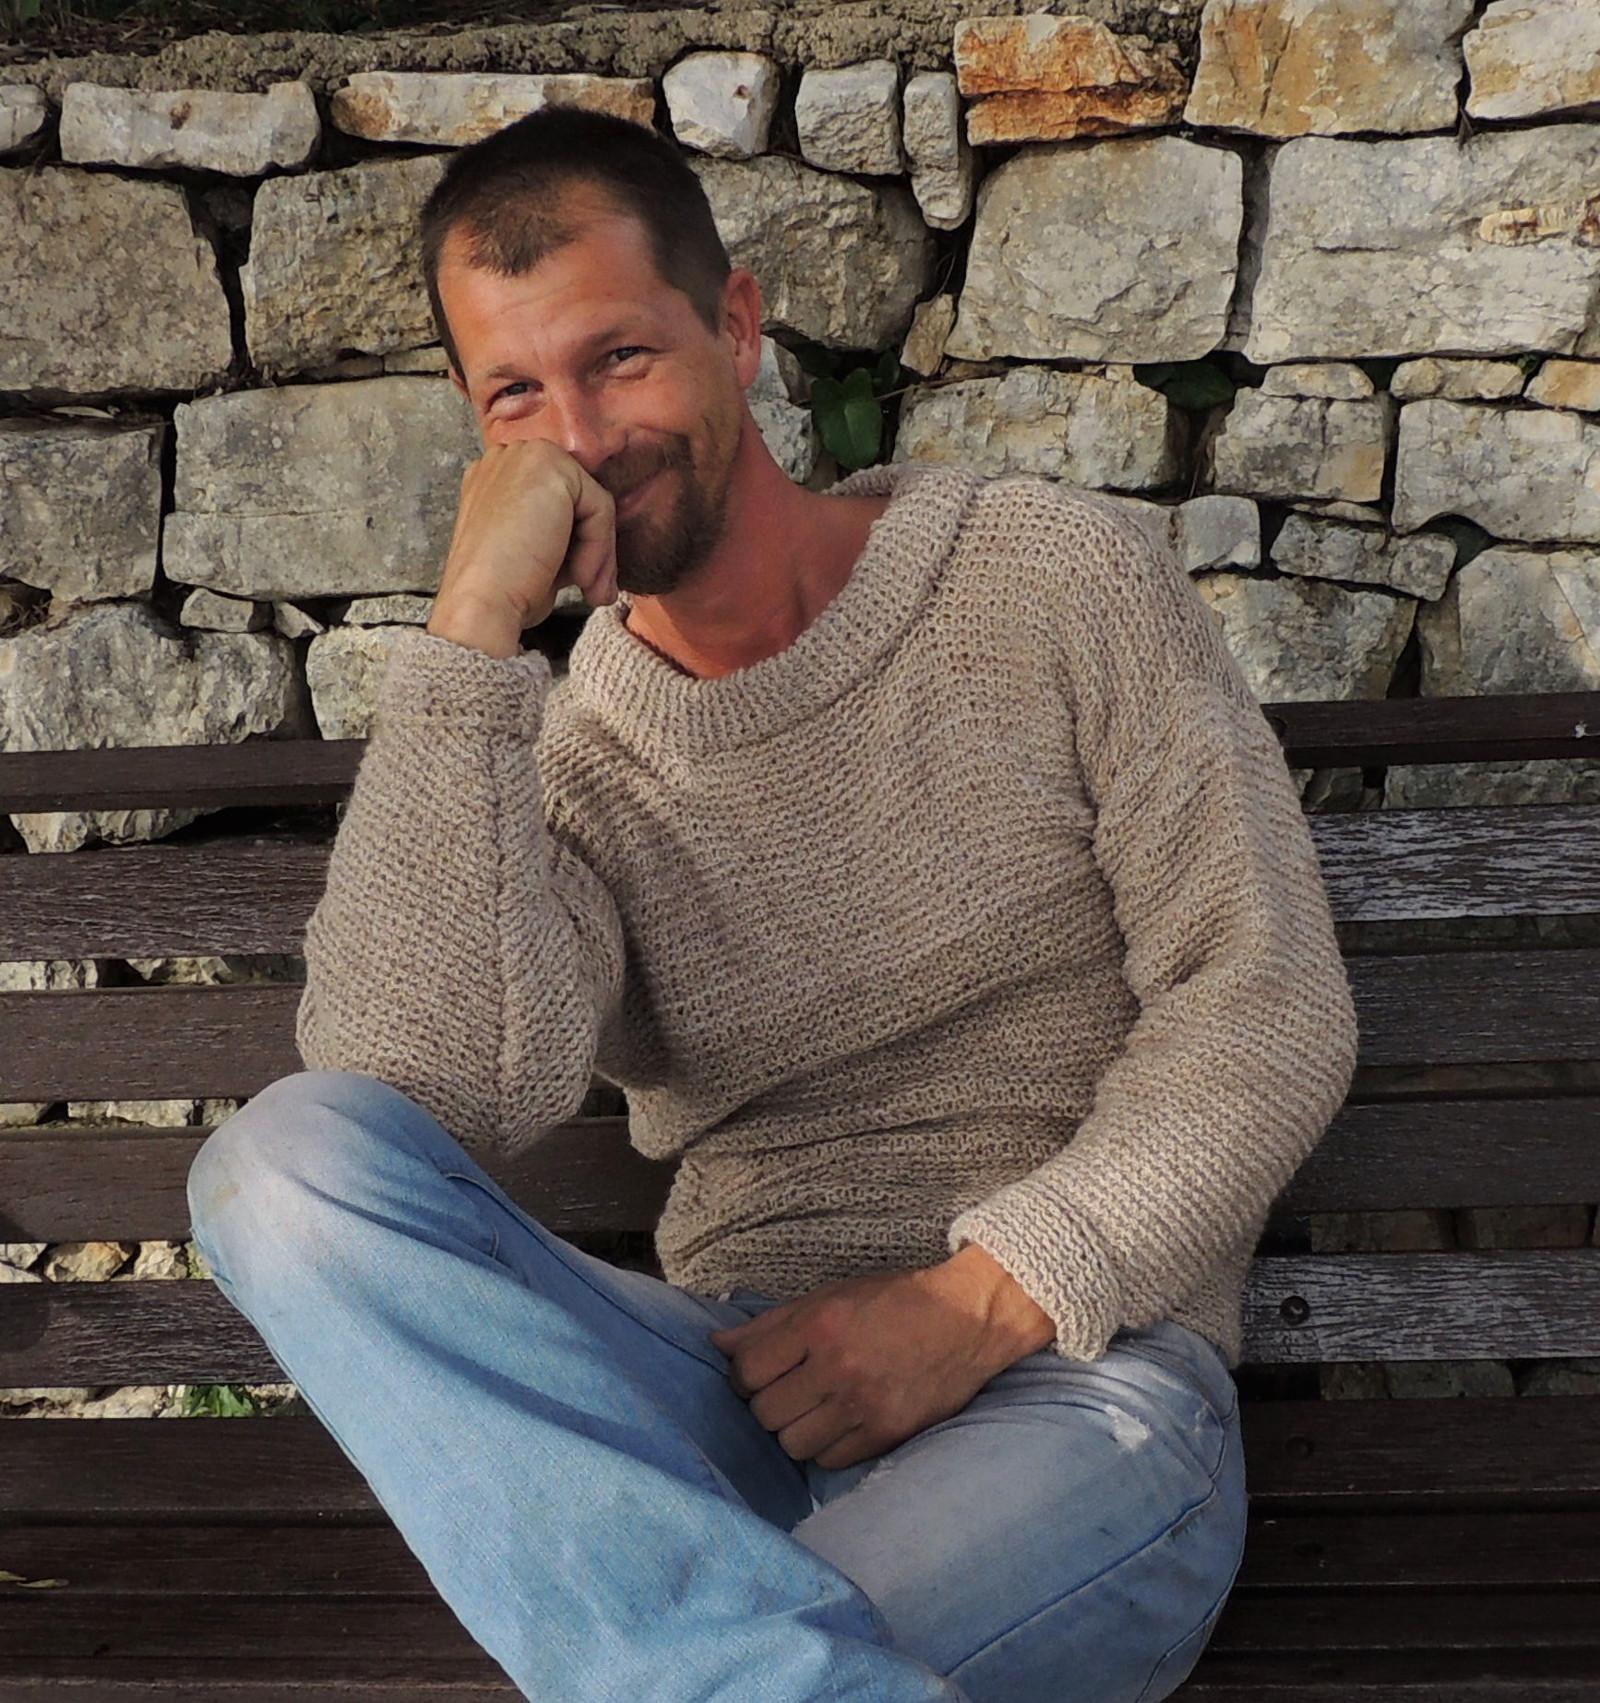 Ručně pletený kašmírový svetr unisex   Zboží prodejce zskncl  c1ef110a9e